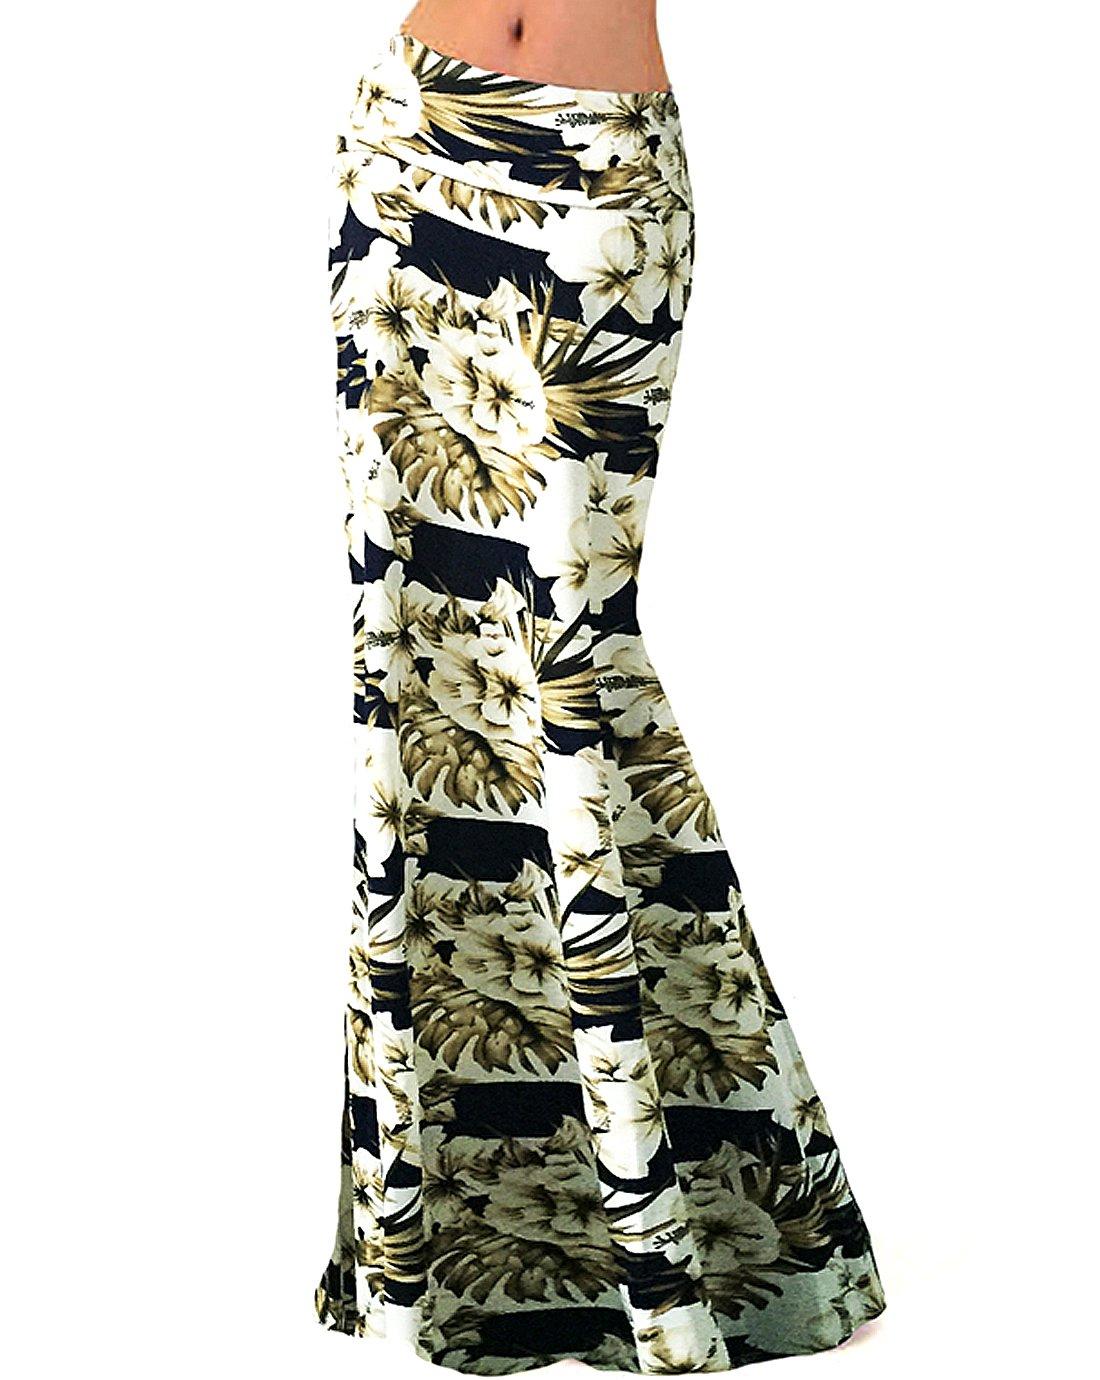 Editha Floral Print Maxi Long Skirt High Waist Floor Length Skirt Full Skirt Summer Beach Skirts 103 White Flower M